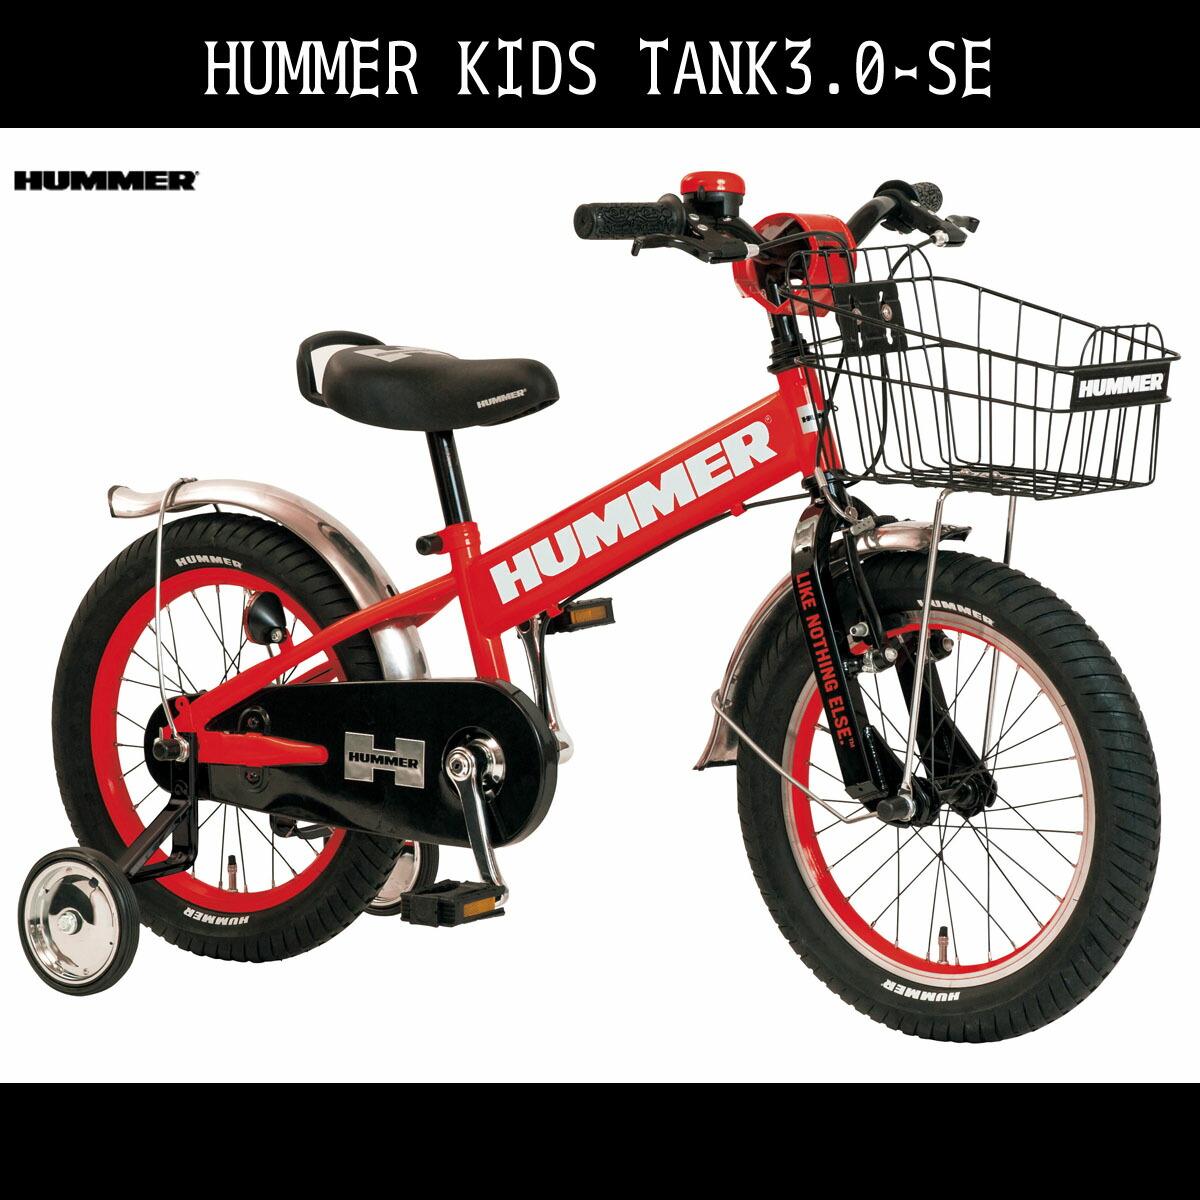 子供用 マウンテンバイク 幼児補助輪付き自転車 ハマー HUMMER レッド 赤16インチ ギアなし 補助輪 泥除け かご付 KID'S TANK3.0-SE ハマー 自転車 激安キッズ 自転車 ジュニア